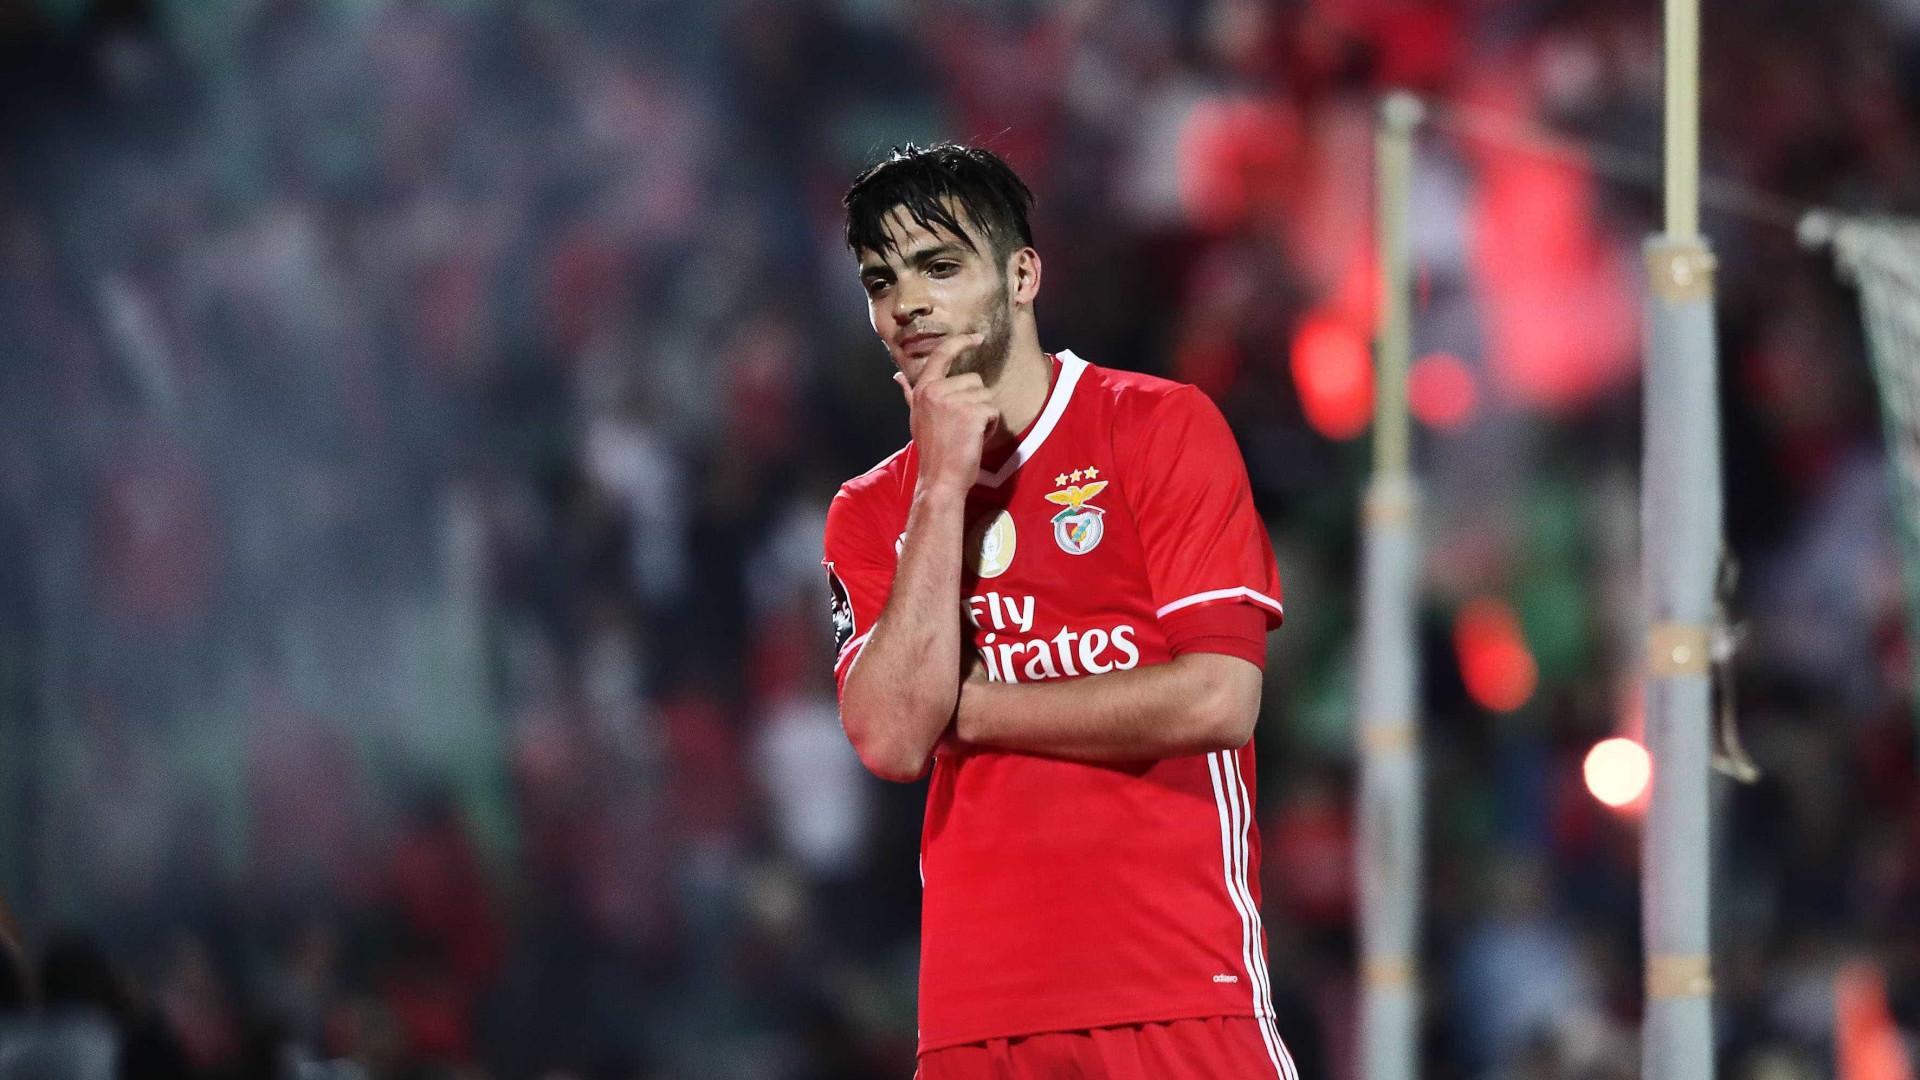 Oficial: Benfica empresta Raúl Jiménez ao Wolverhampton